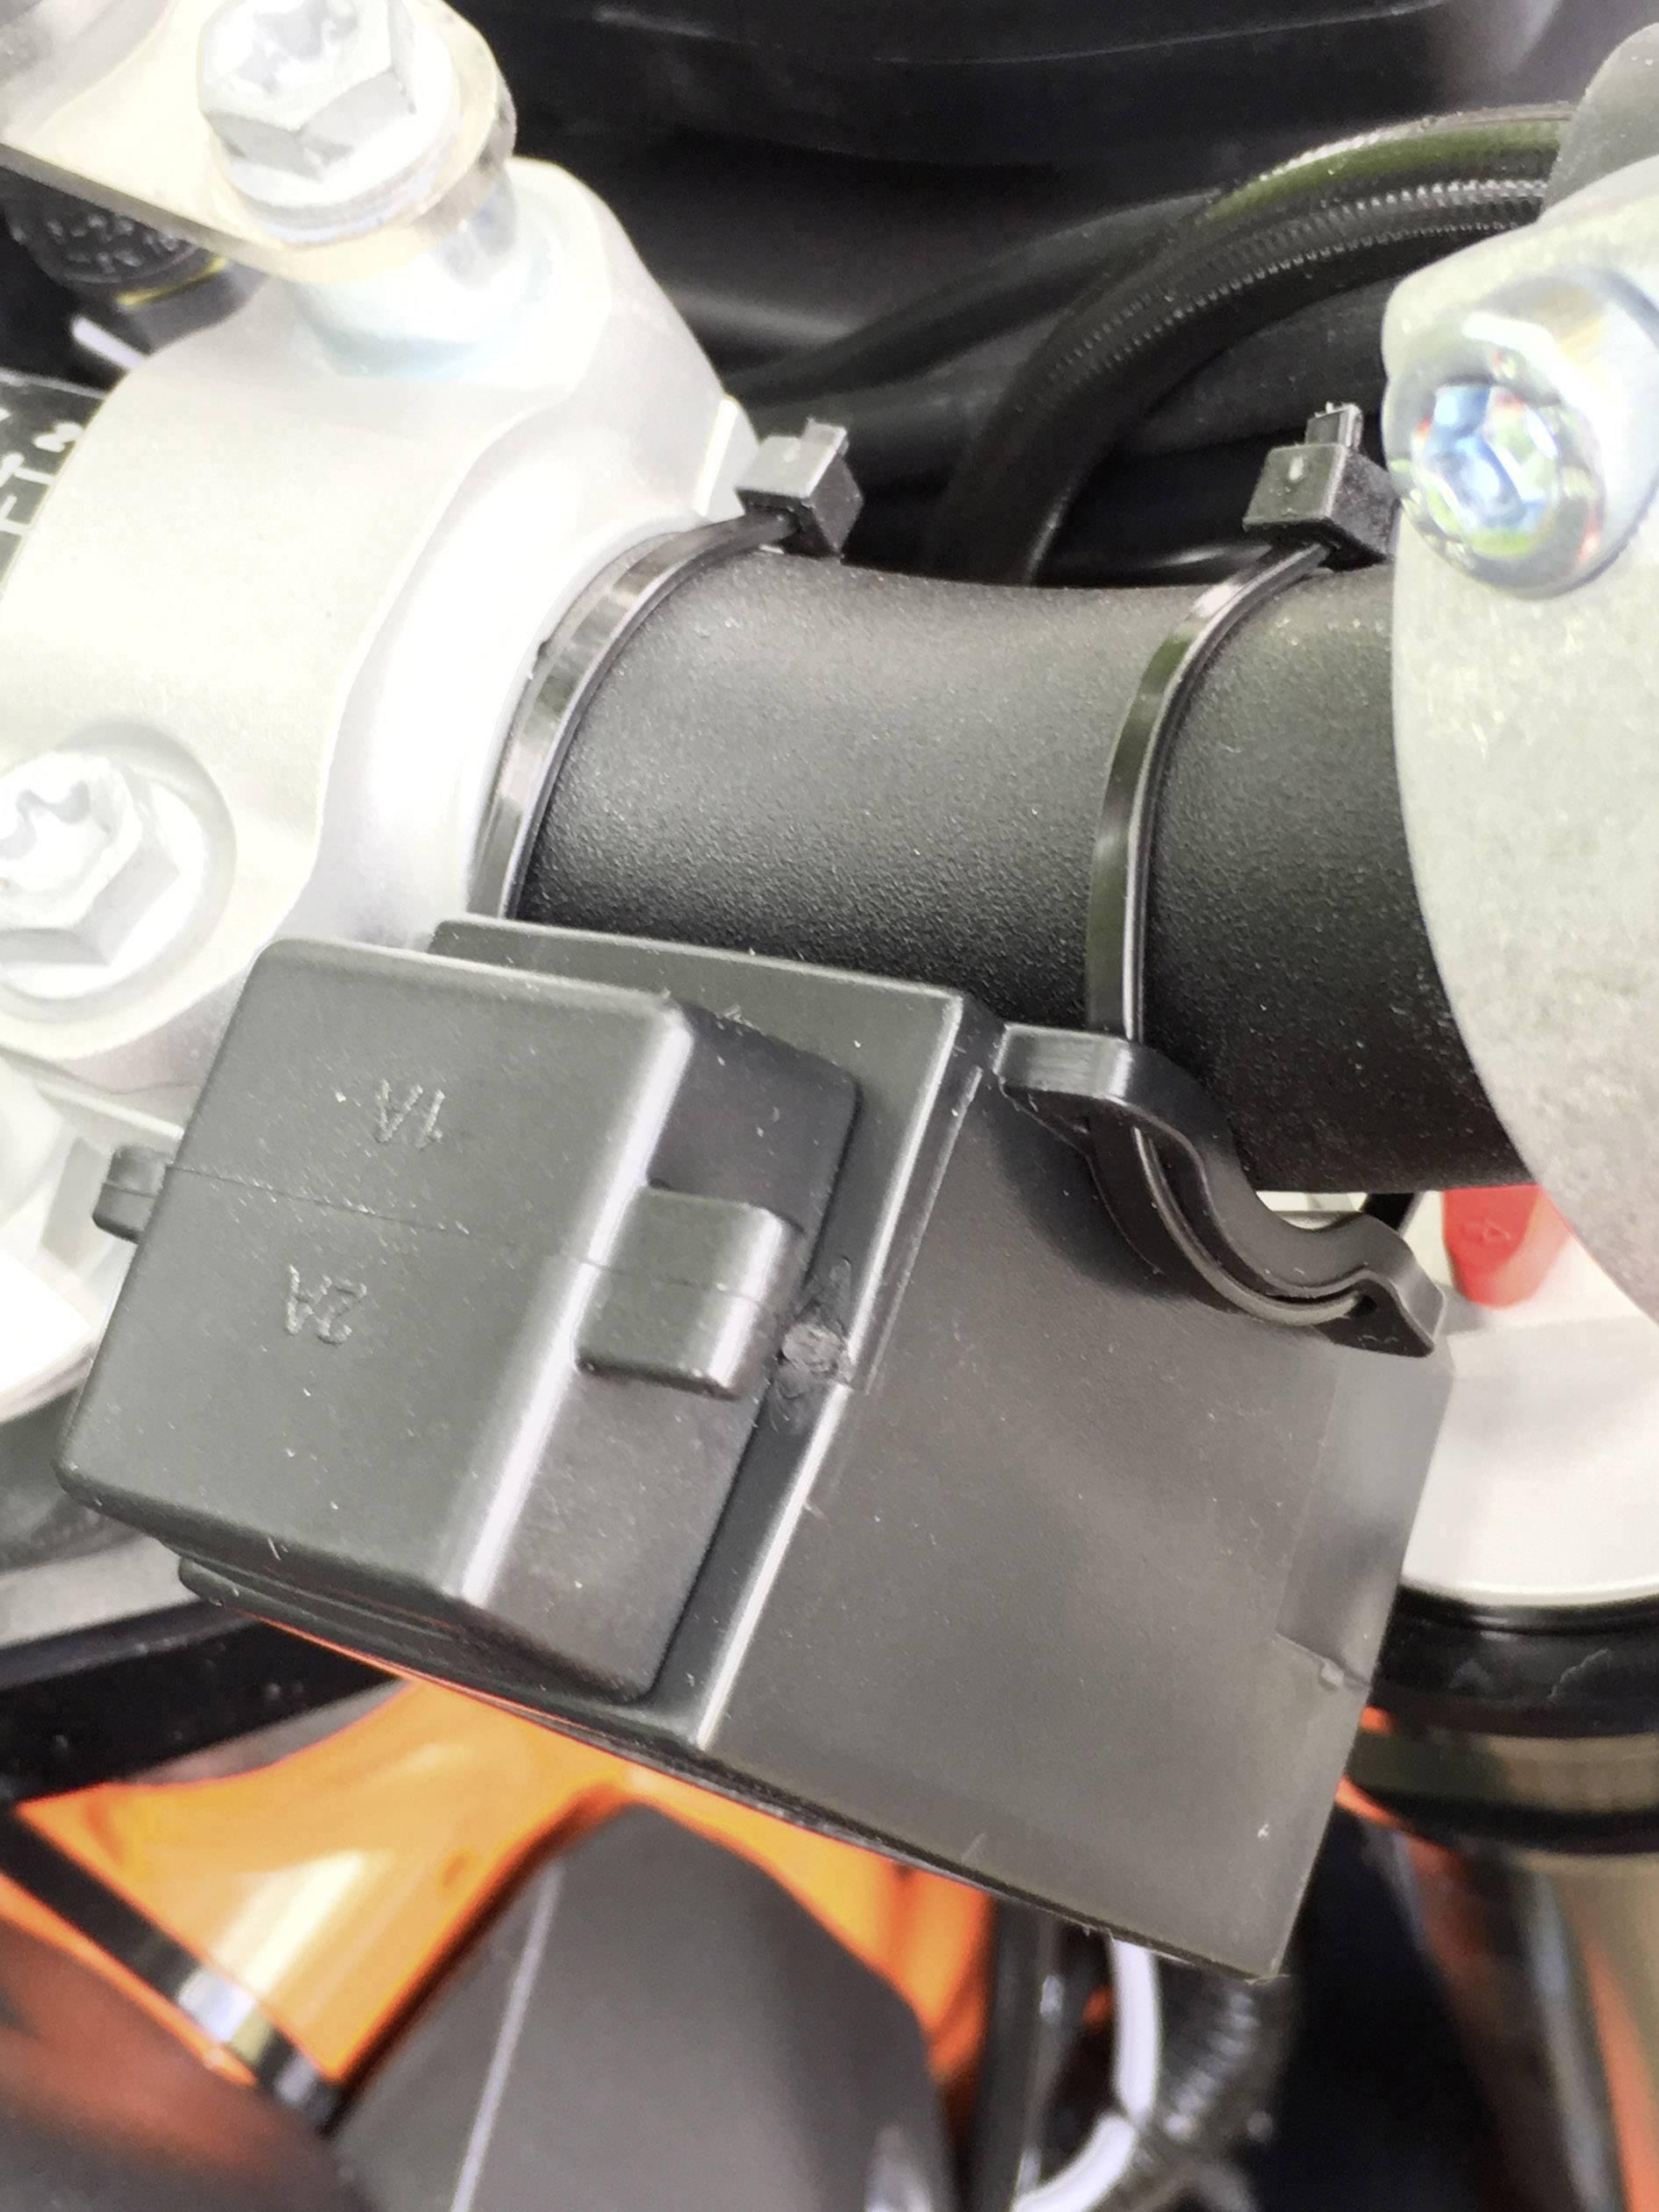 Gniazdo USB podwójne do montażu BAAS USB5 Obciążalność prądu maks.: 3 A 12 5 V